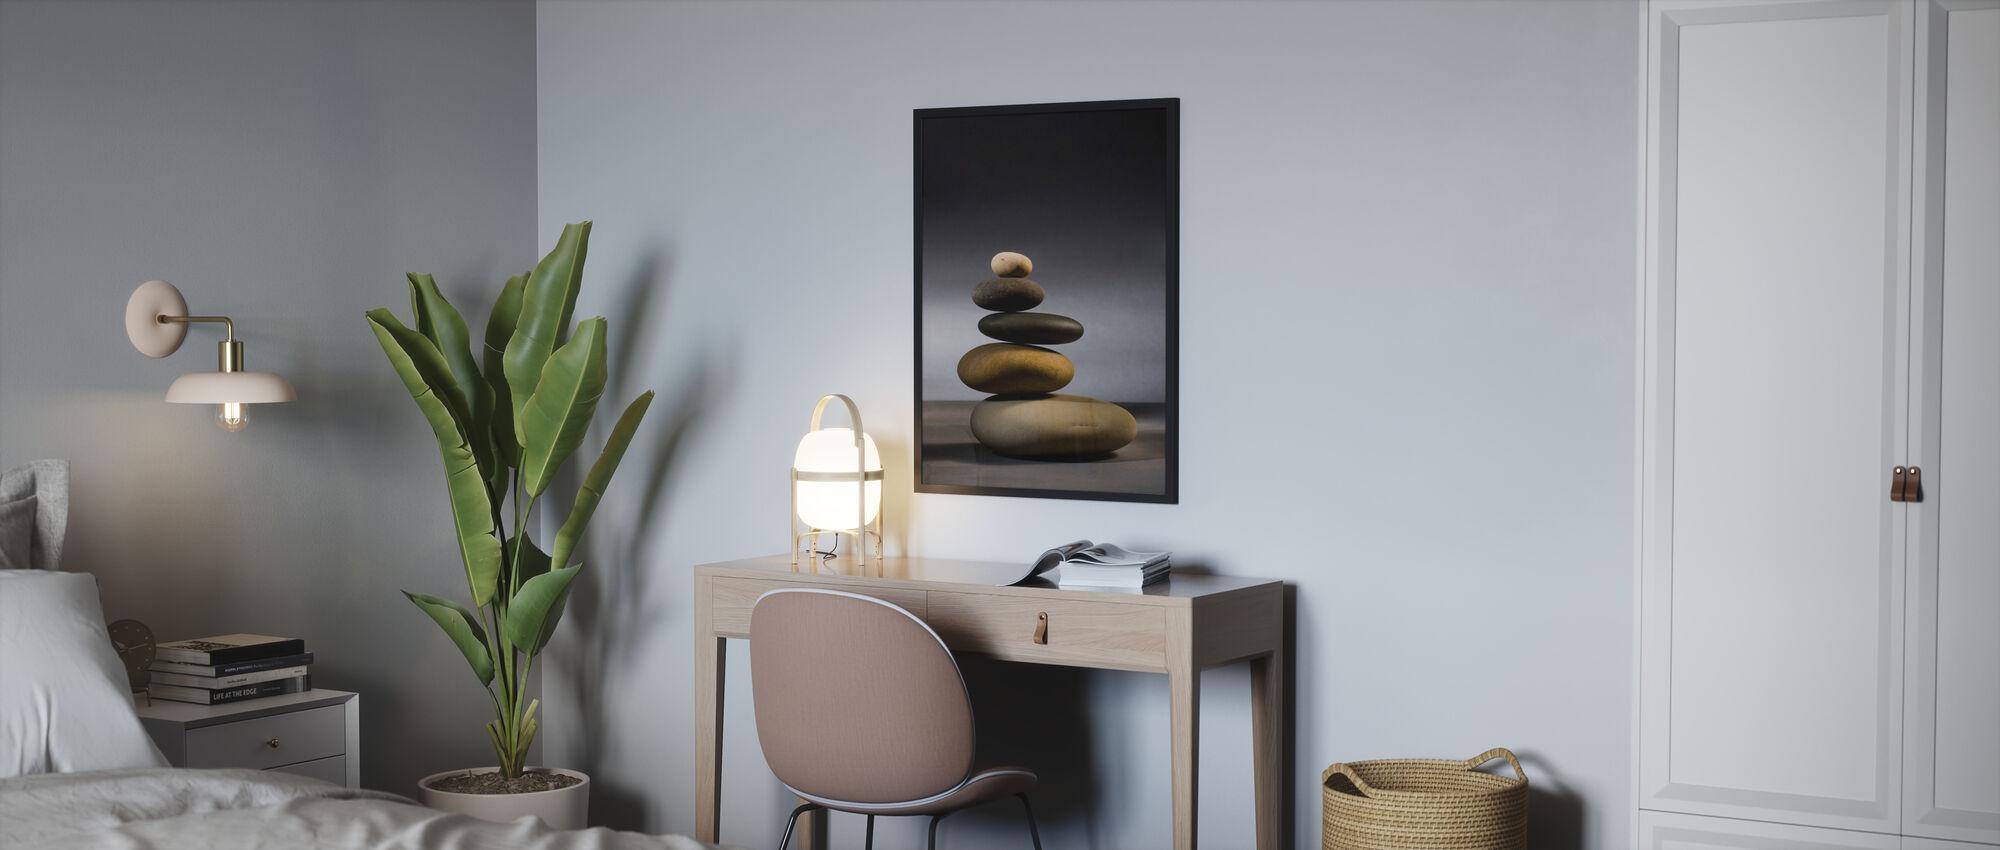 Stones in Zen Balance - Framed print - Bedroom